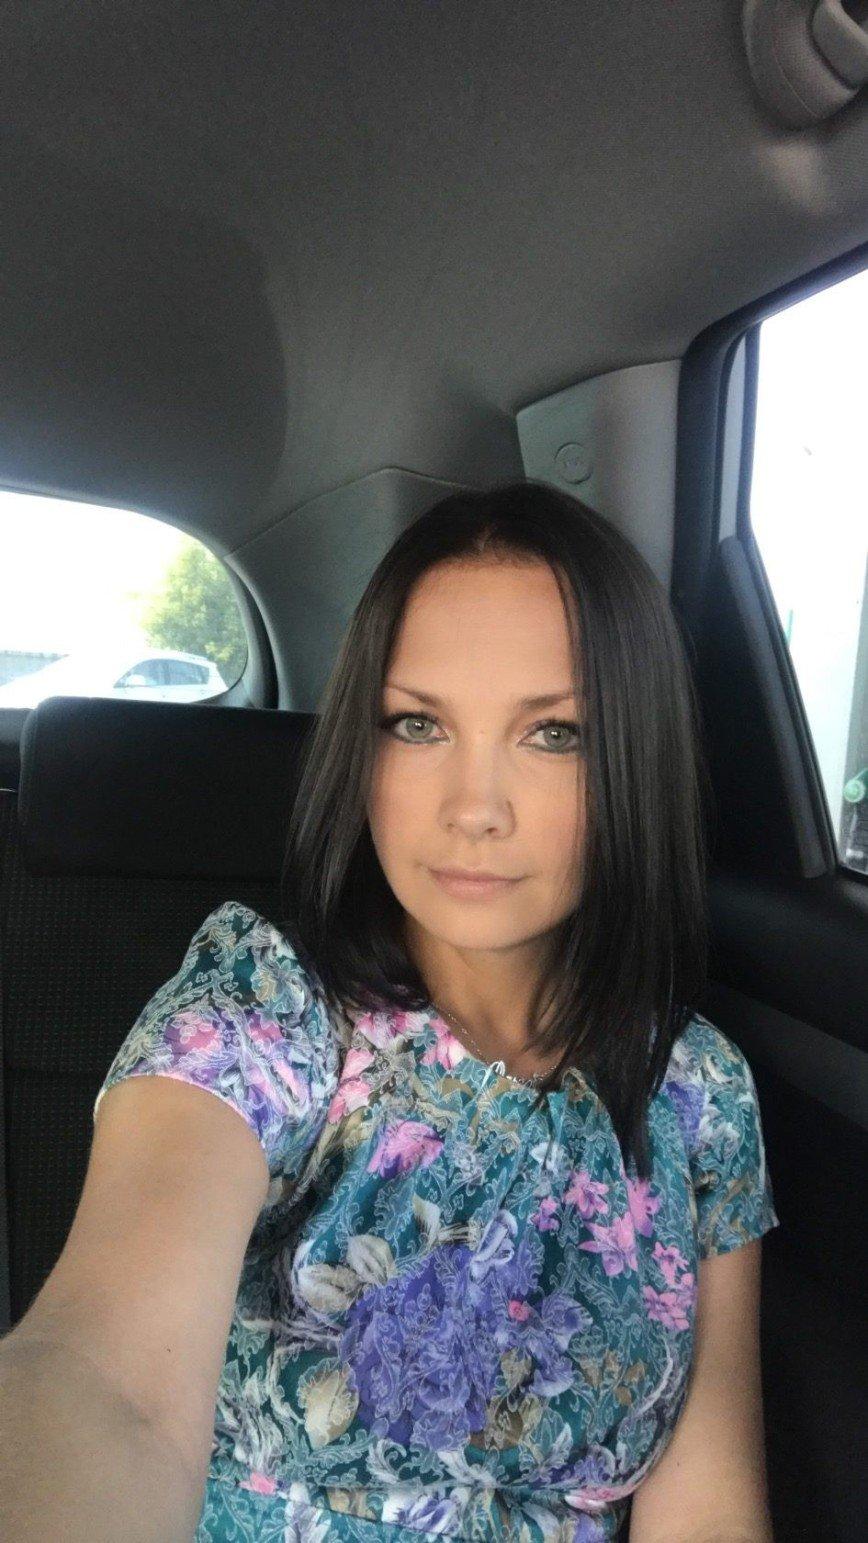 Автор: Olya_Оля, Фотозал: Я - самая красивая, 37 лет